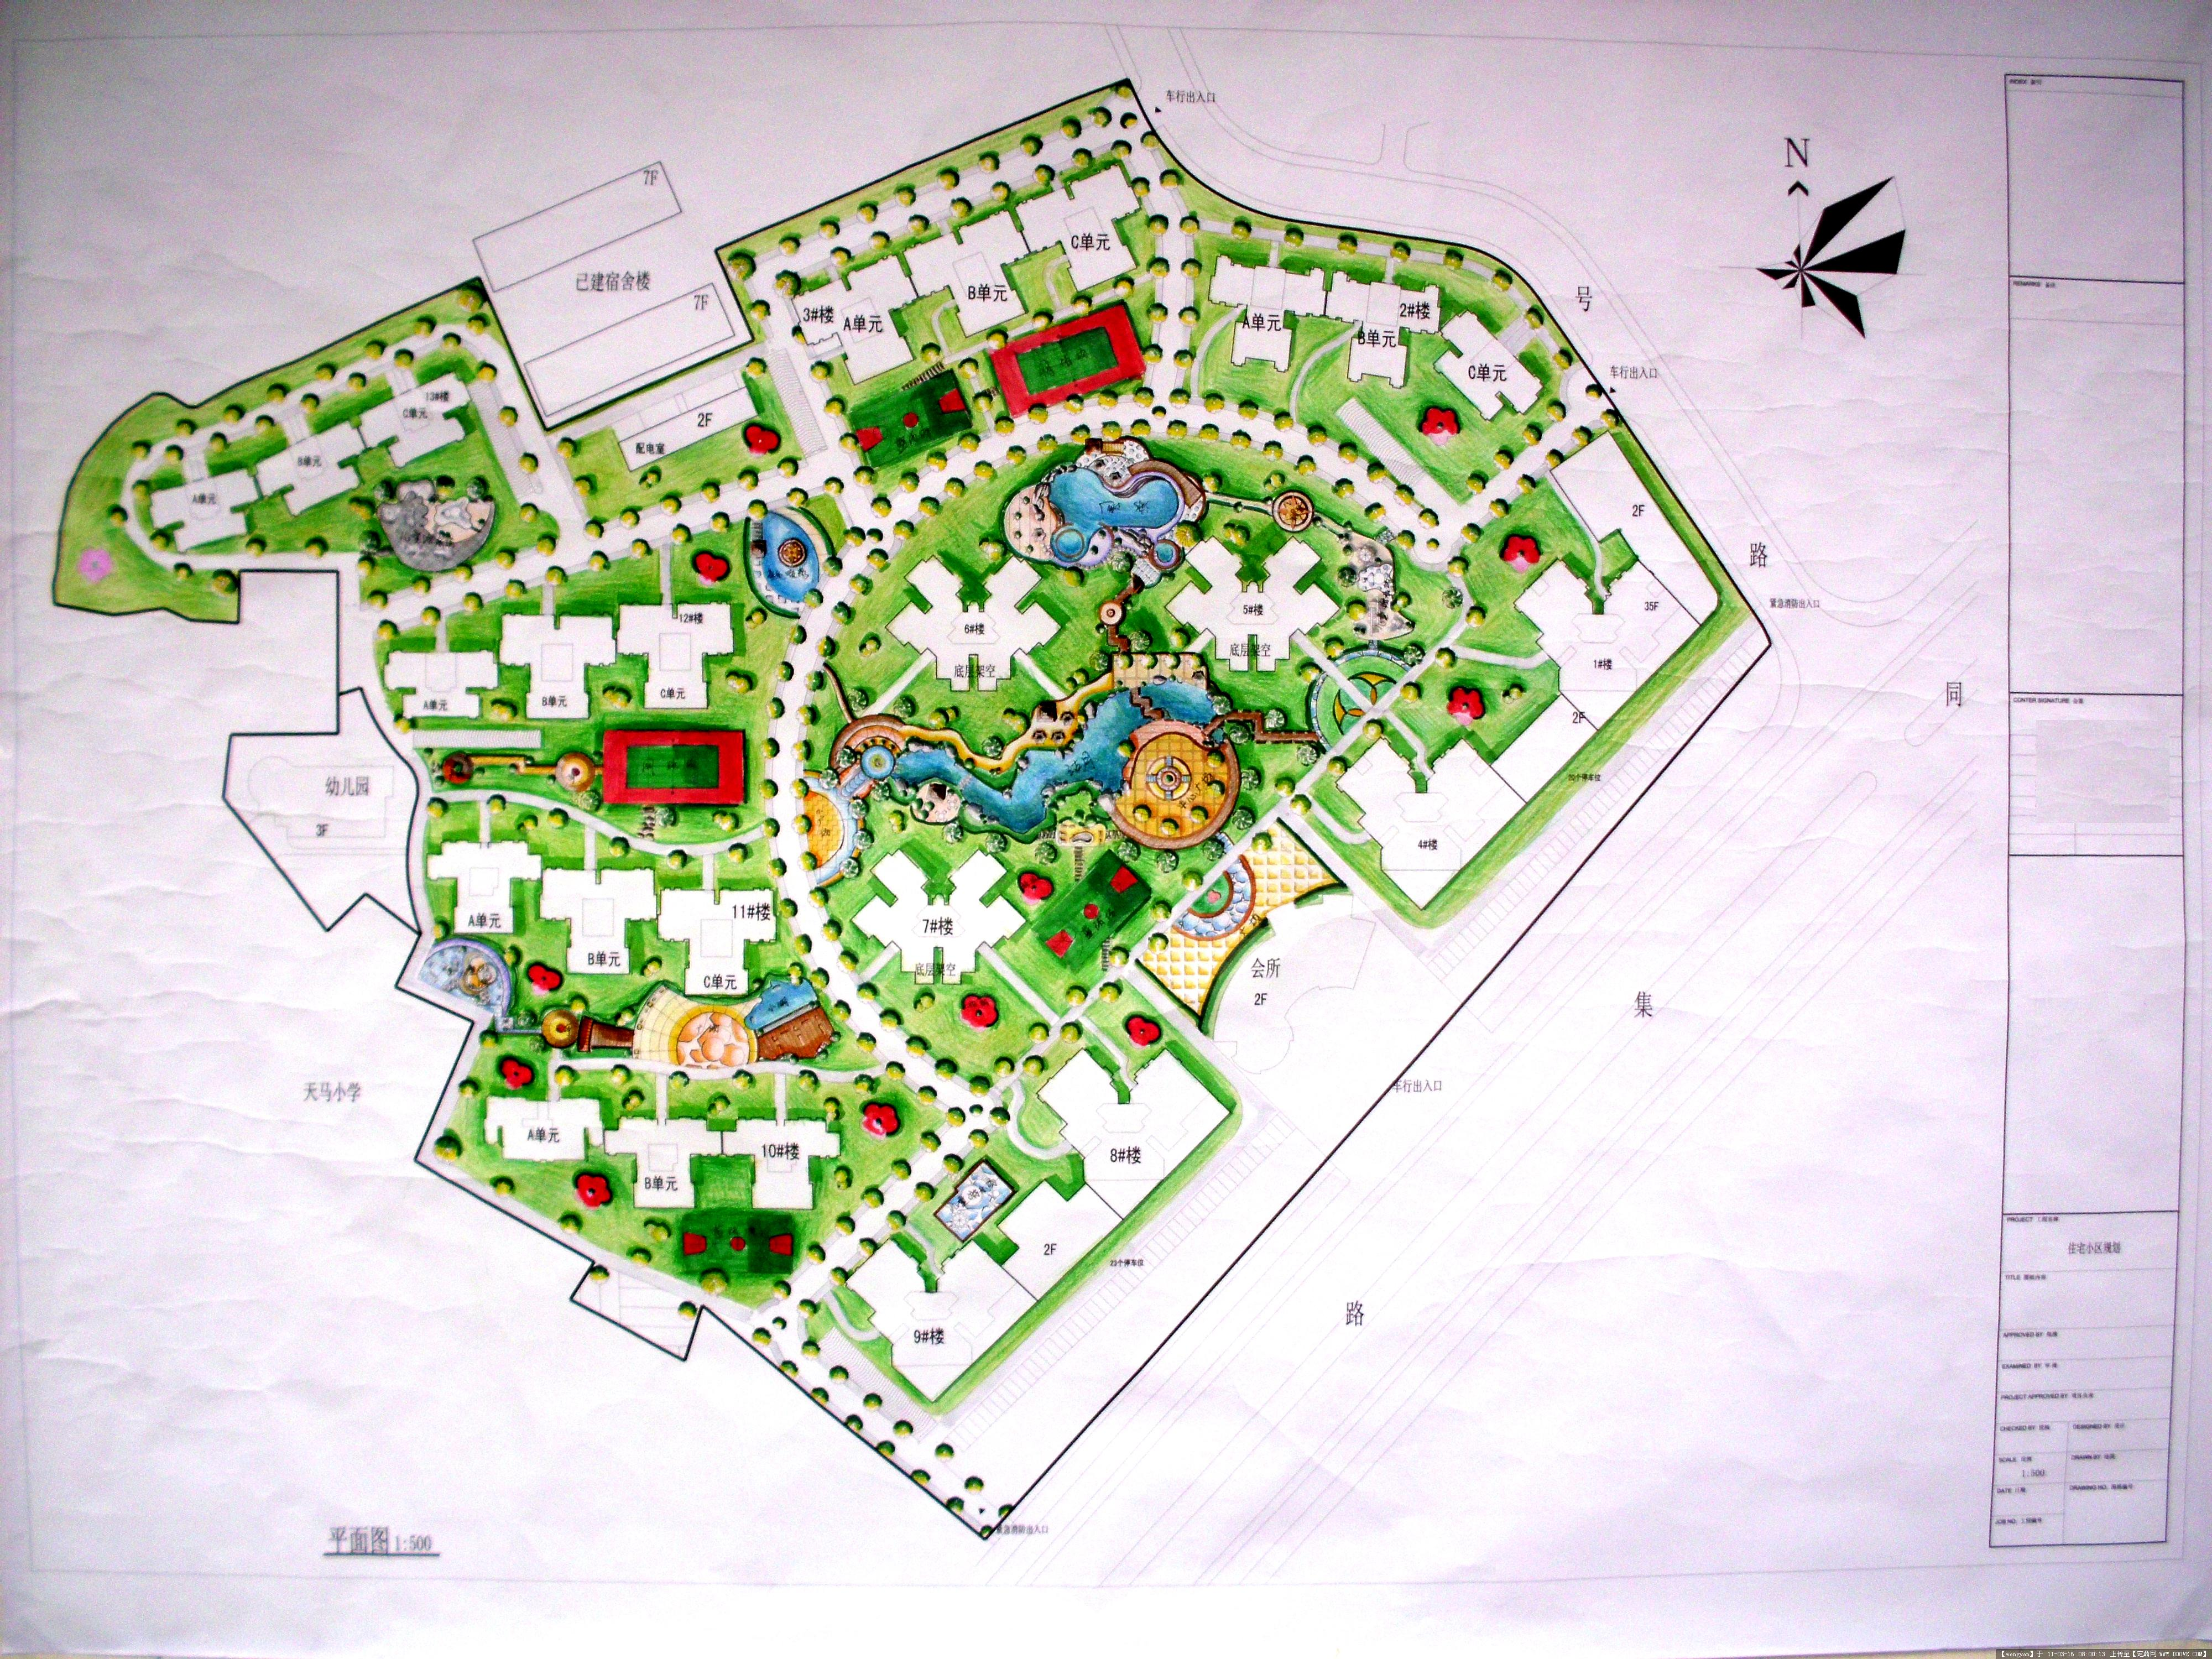 小区景观规划总平面图-原创手绘的图片浏览